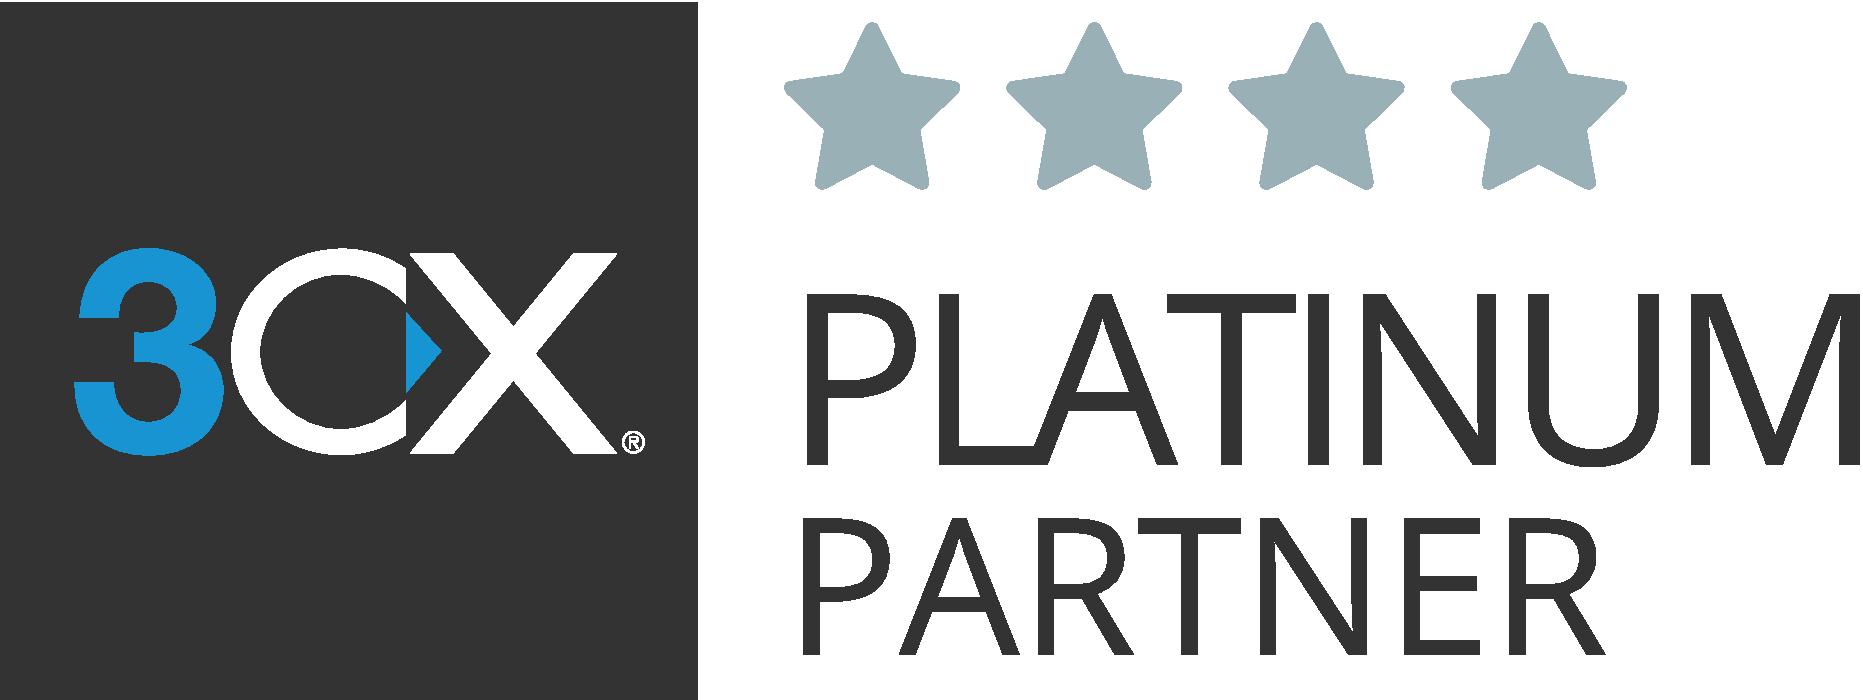 3CX Platinum Partner Logo